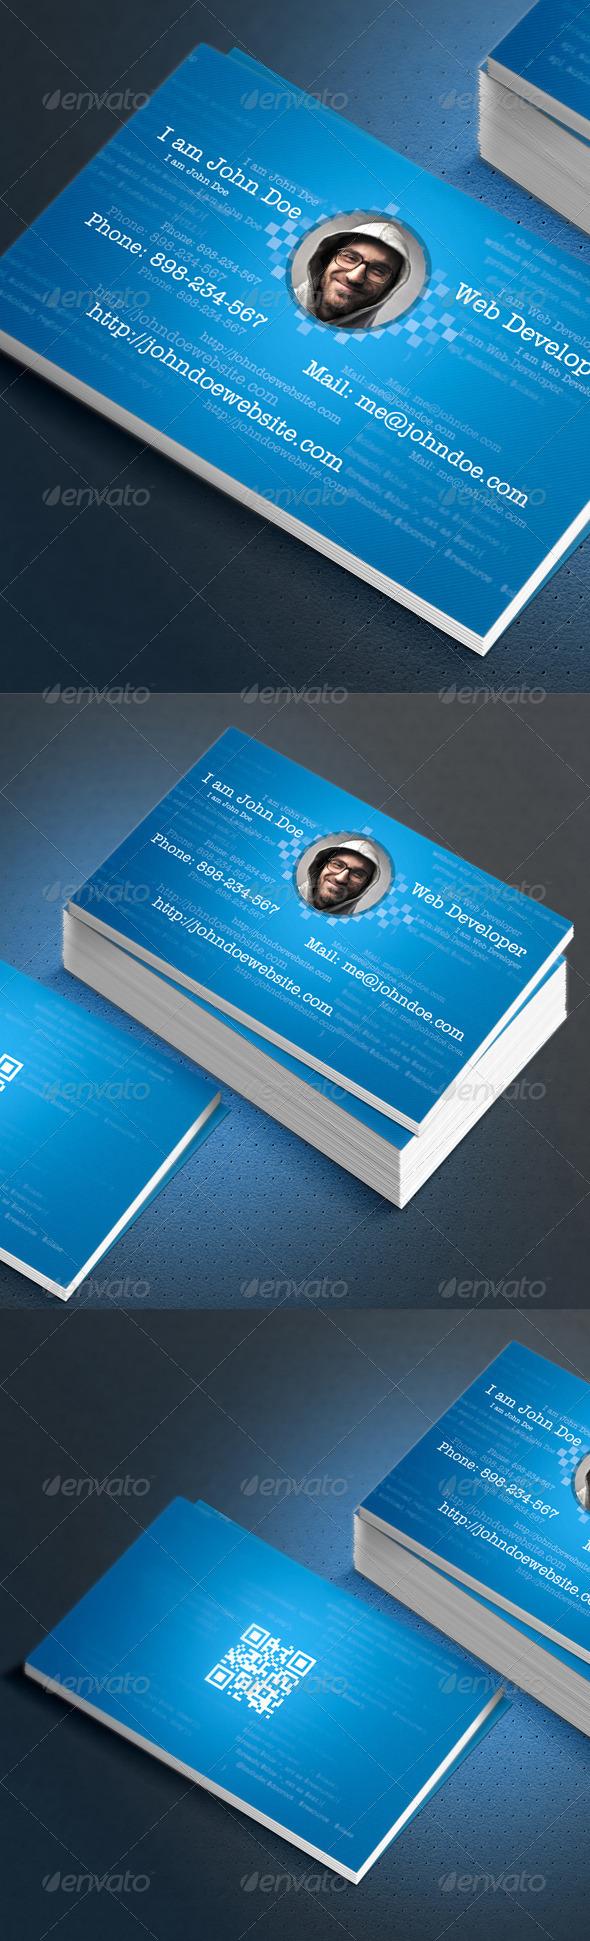 GraphicRiver Web Developer Coder FreelancerBusiness Card Design 5987367